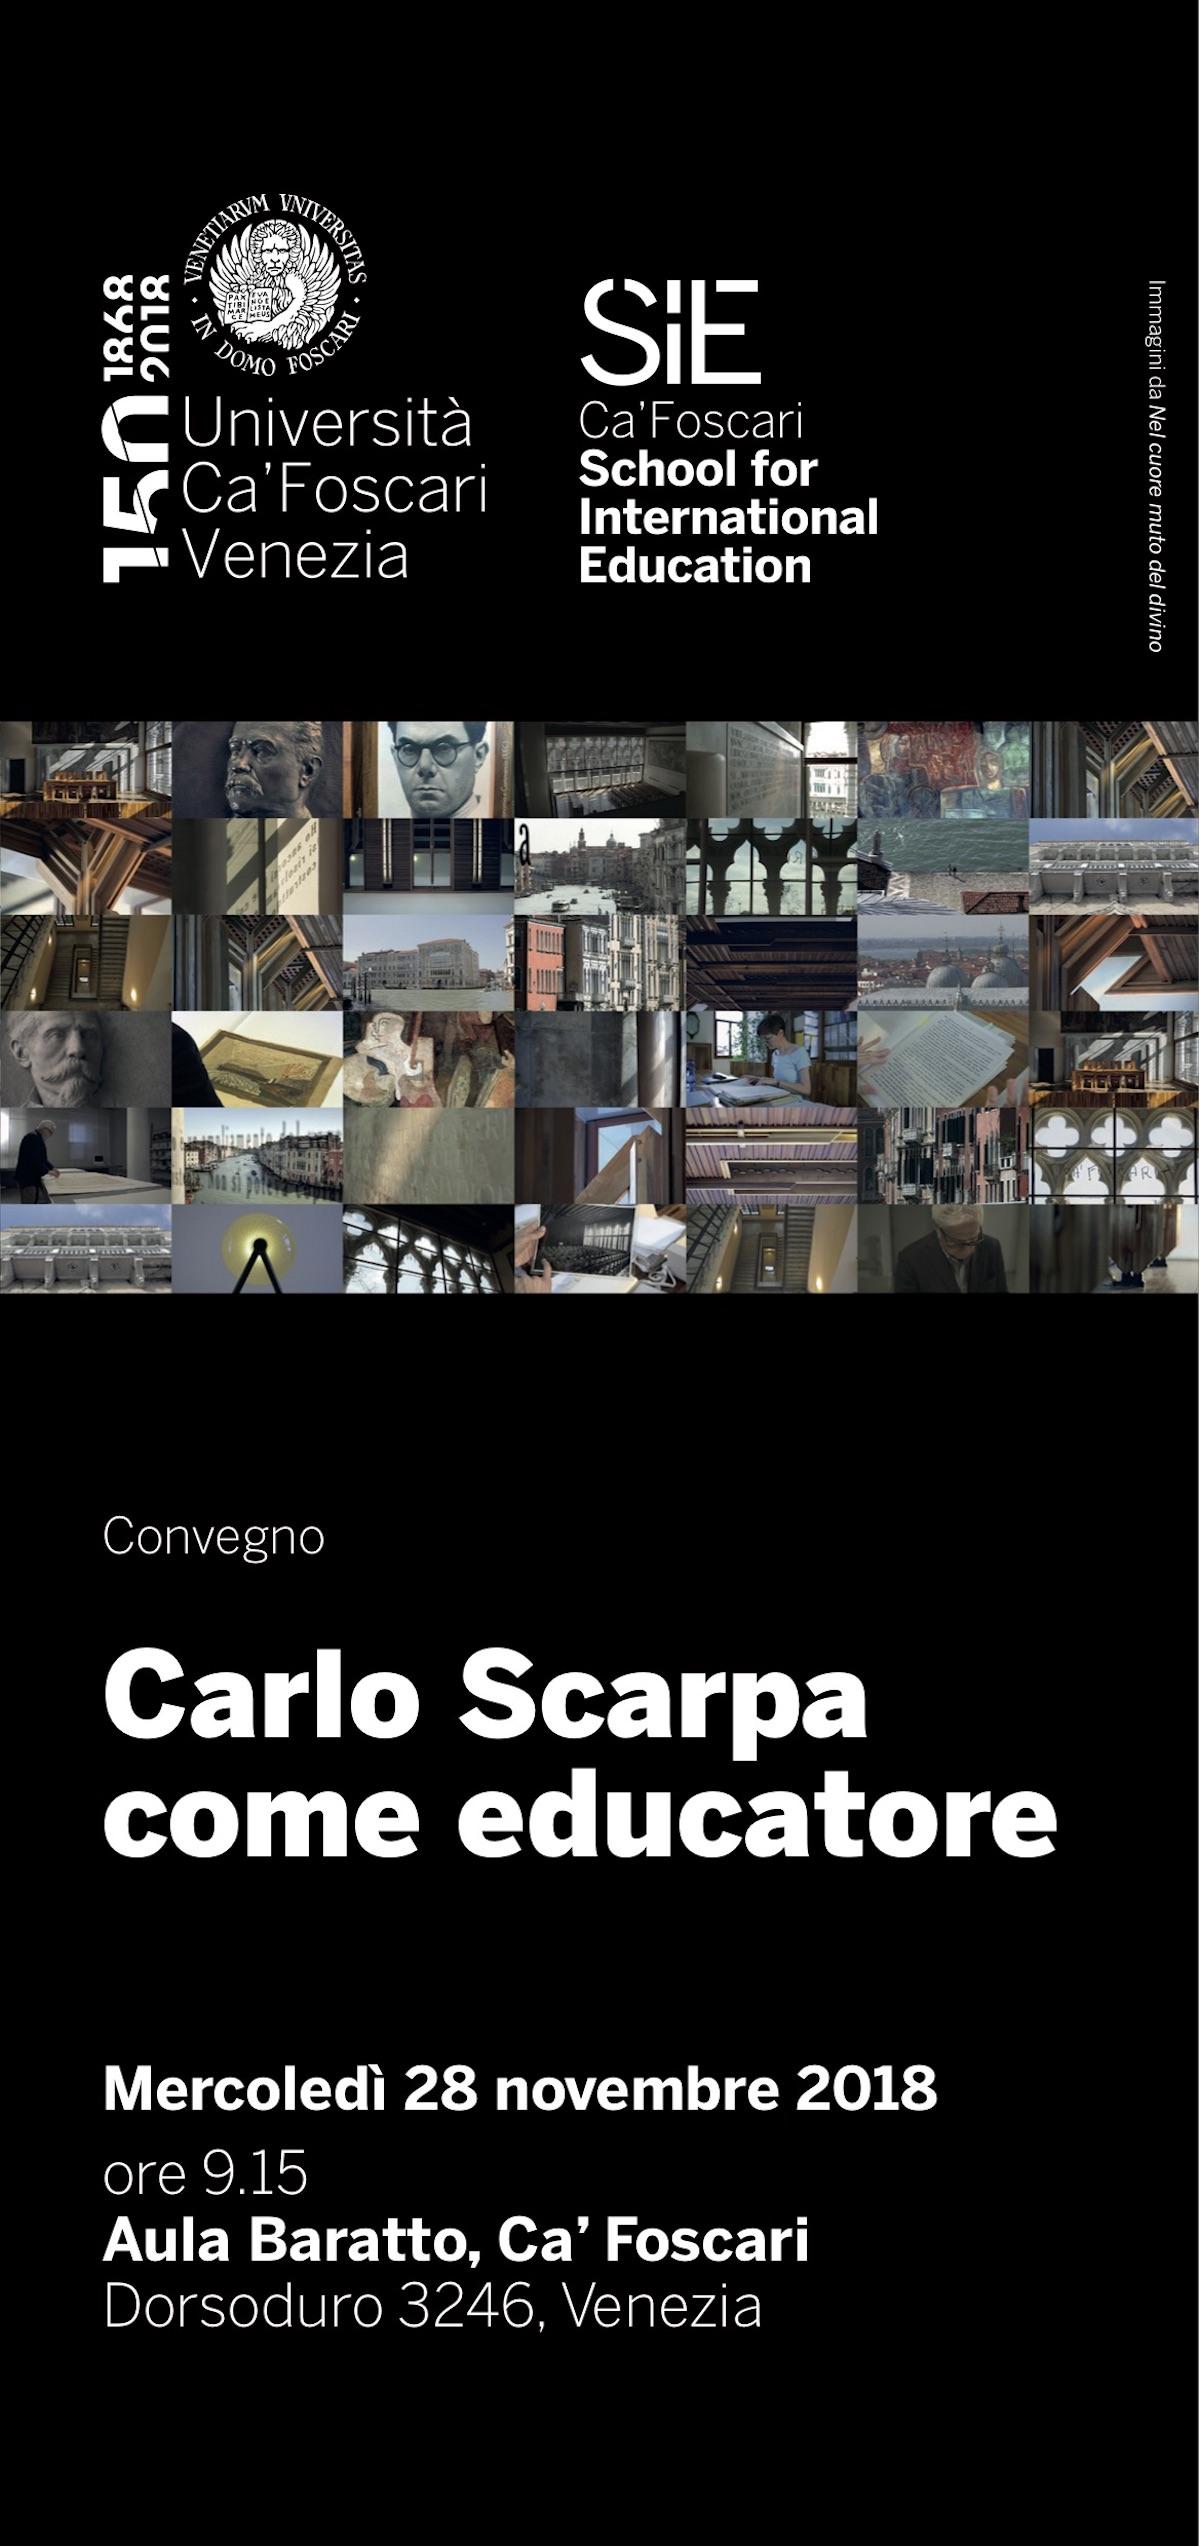 Carlo Scarpa come educatore